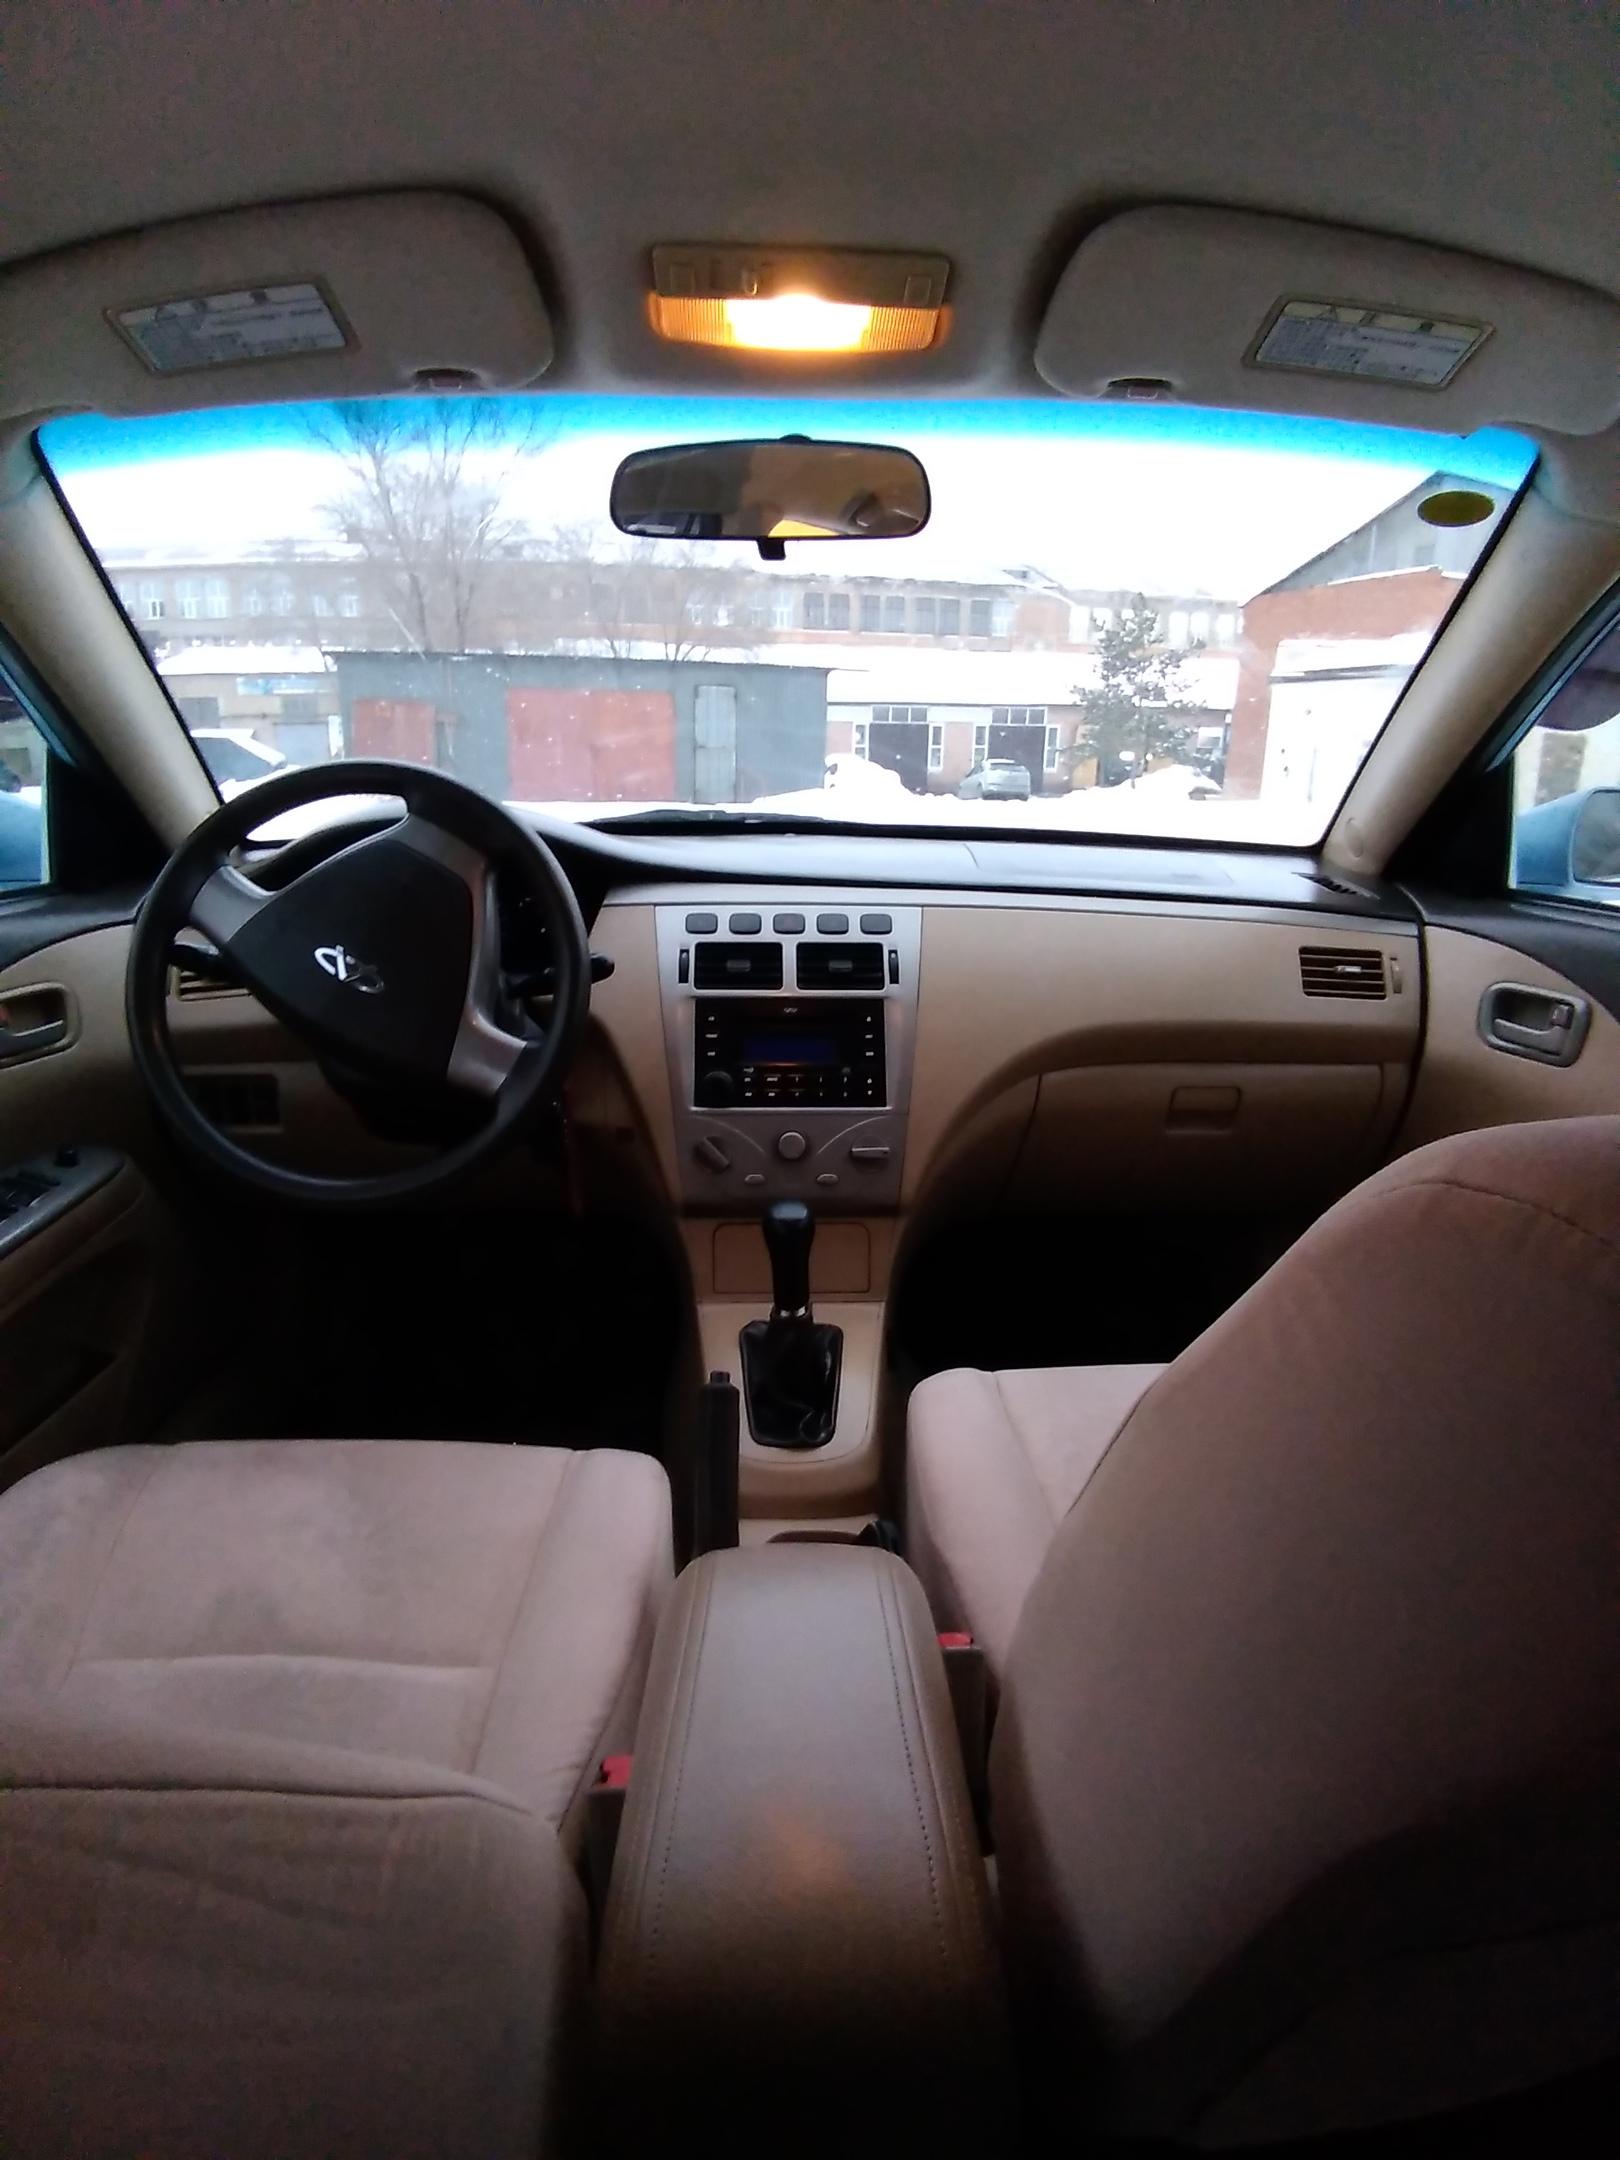 Купить Chery Fora A21. 2009г.в. Авто весь в родной | Объявления Орска и Новотроицка №3243